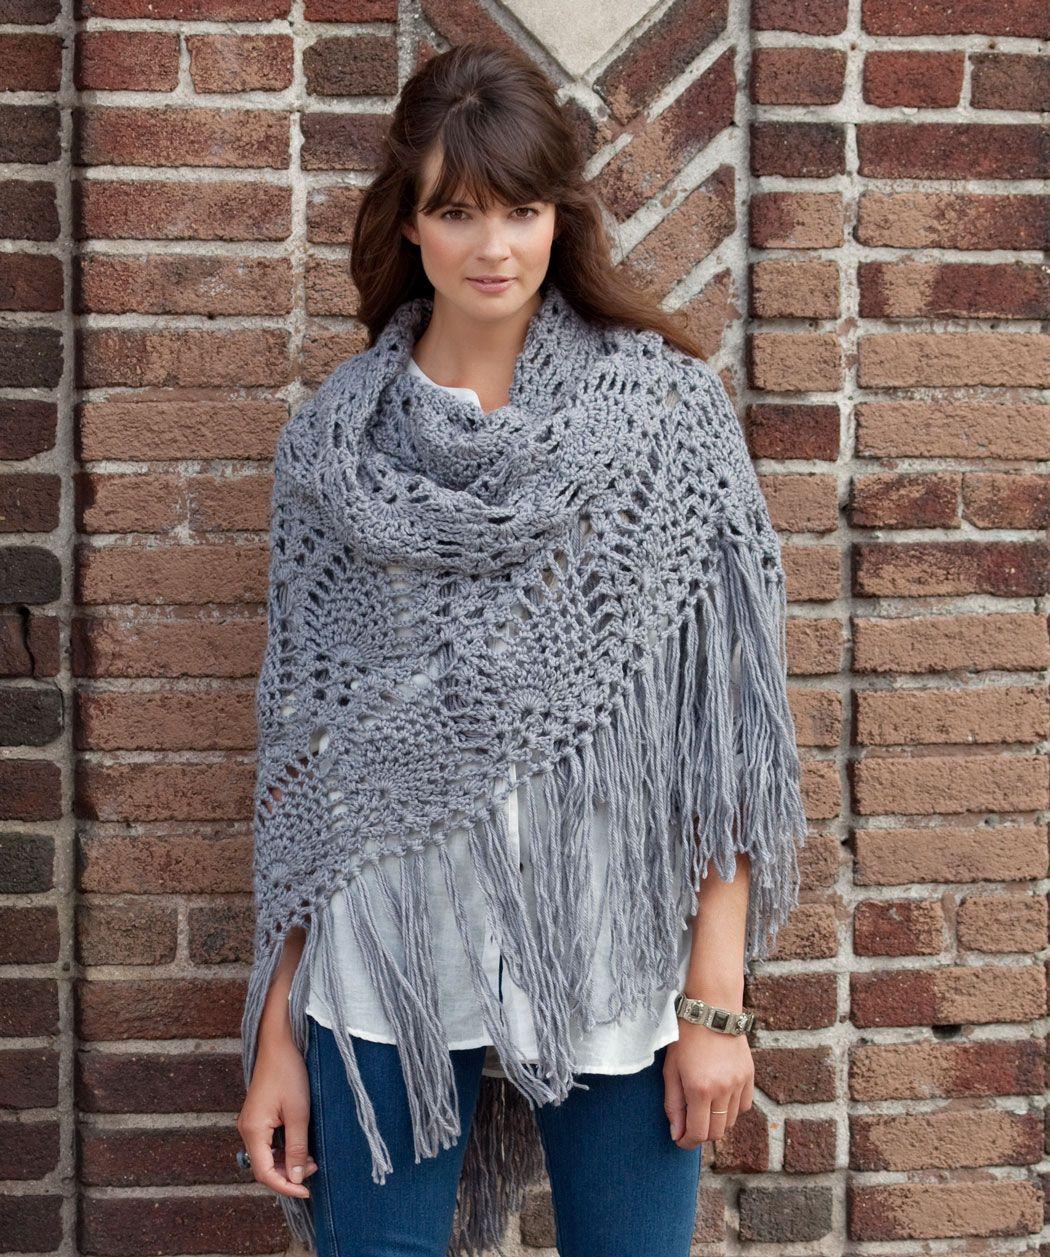 Dieses preisgekrönte Schal-Design ist im klassisch schönen ...